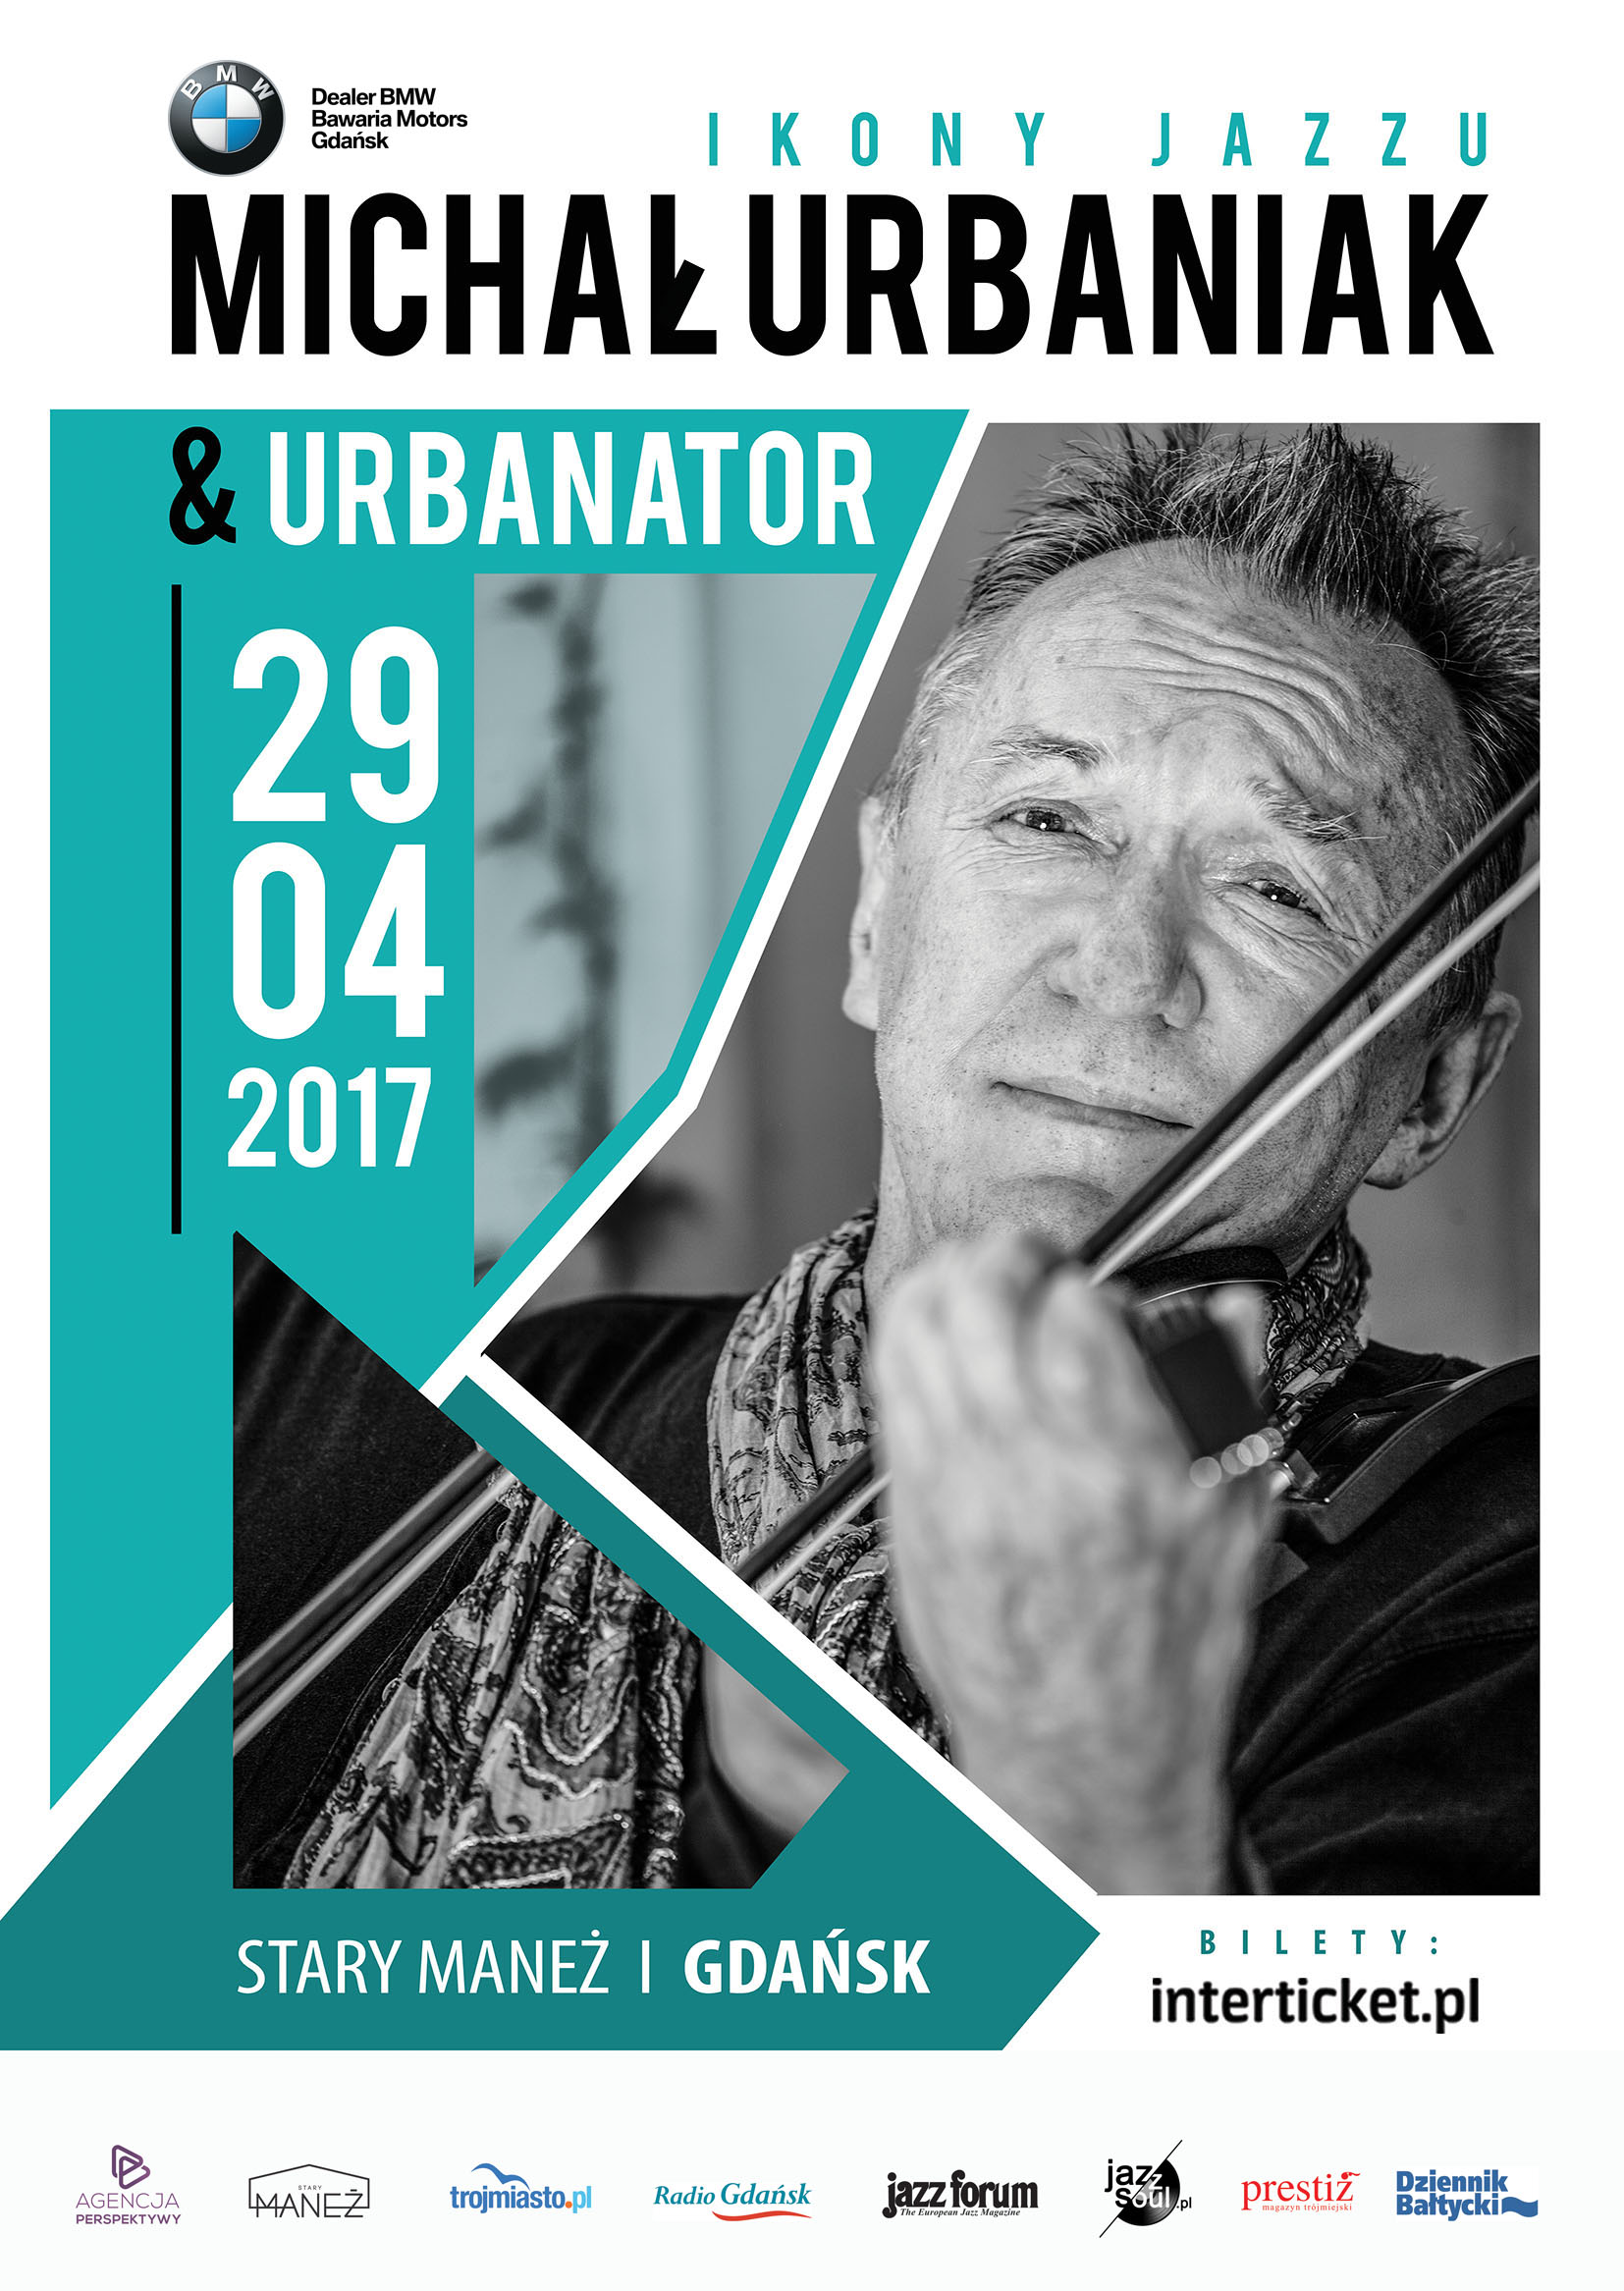 Ikony Jazzu Urbaniak & Urbanator